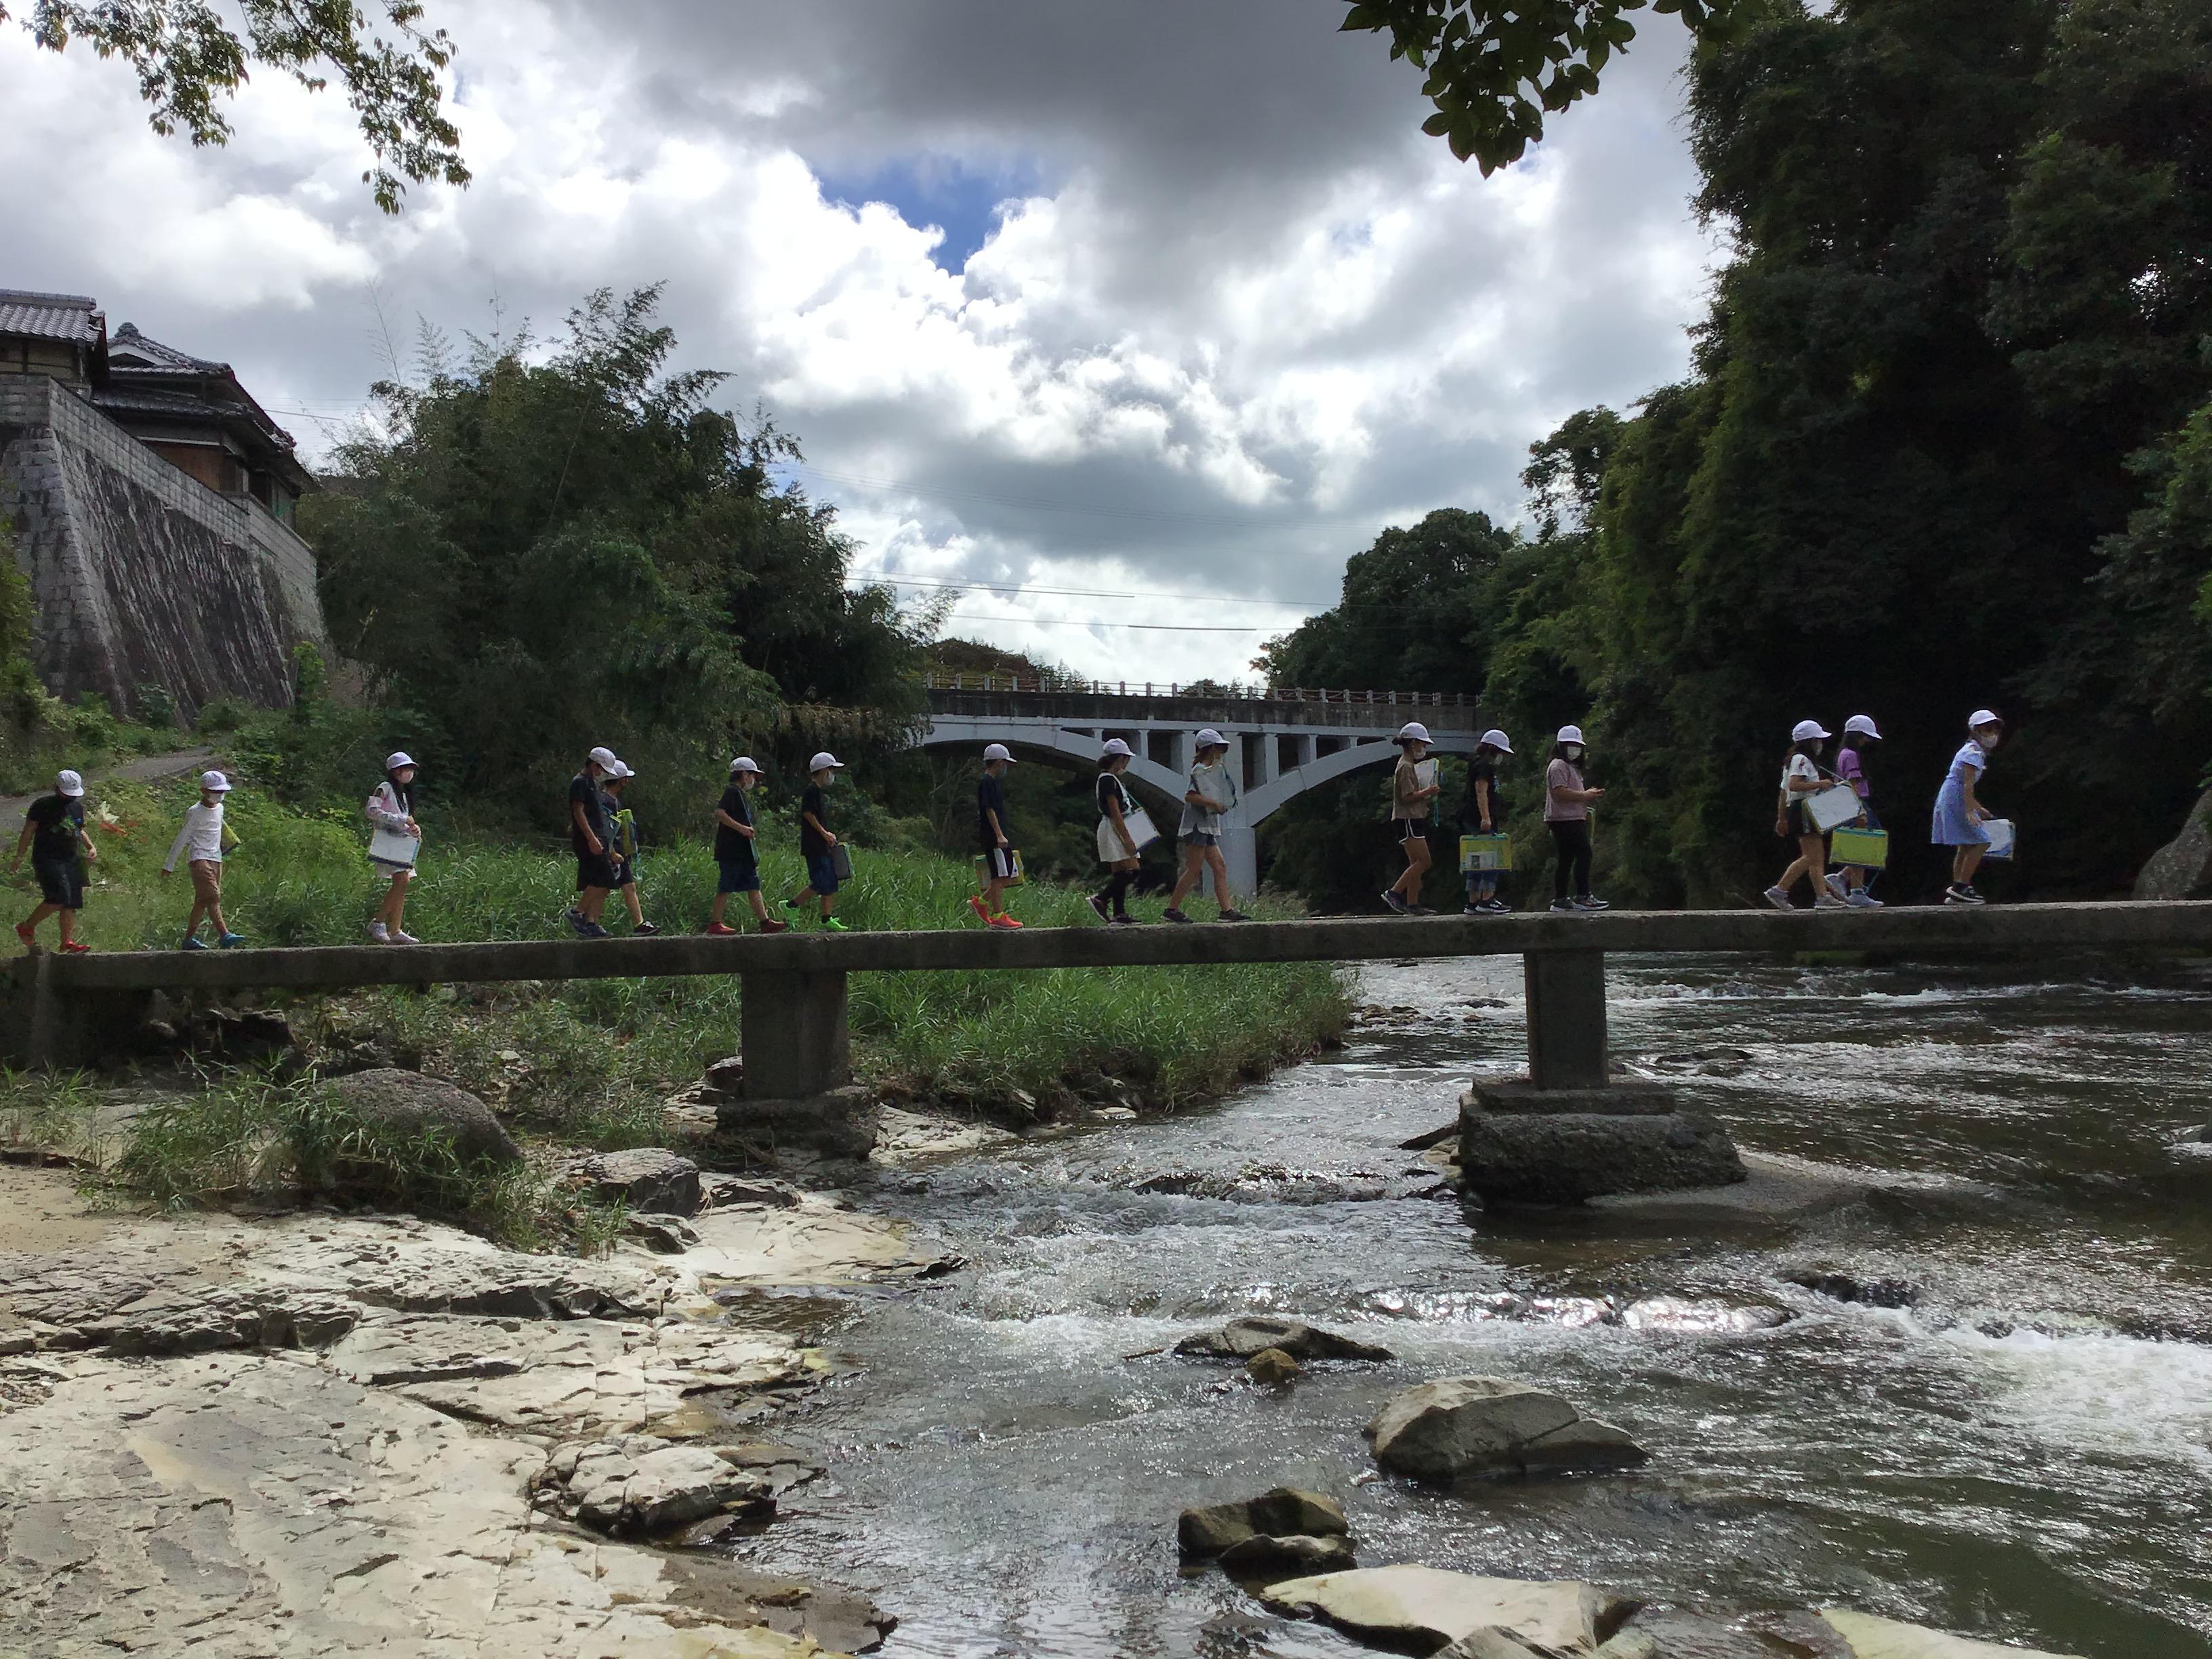 沈下橋から見た眼鏡橋(水路橋。)手前が耐震工事が出来たての橋脚です。水位が低くて良かったです。(私は記念に石を拾いました。)